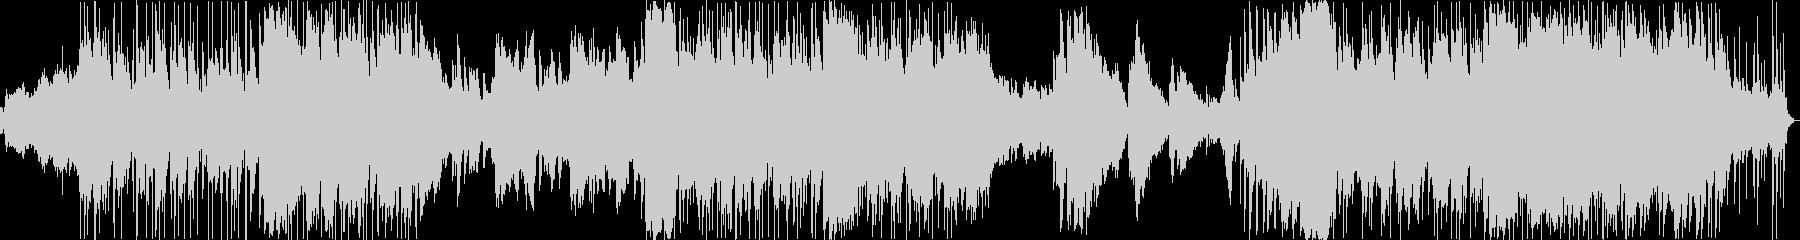 尺八の生演奏によるドラマティックサウンドの未再生の波形